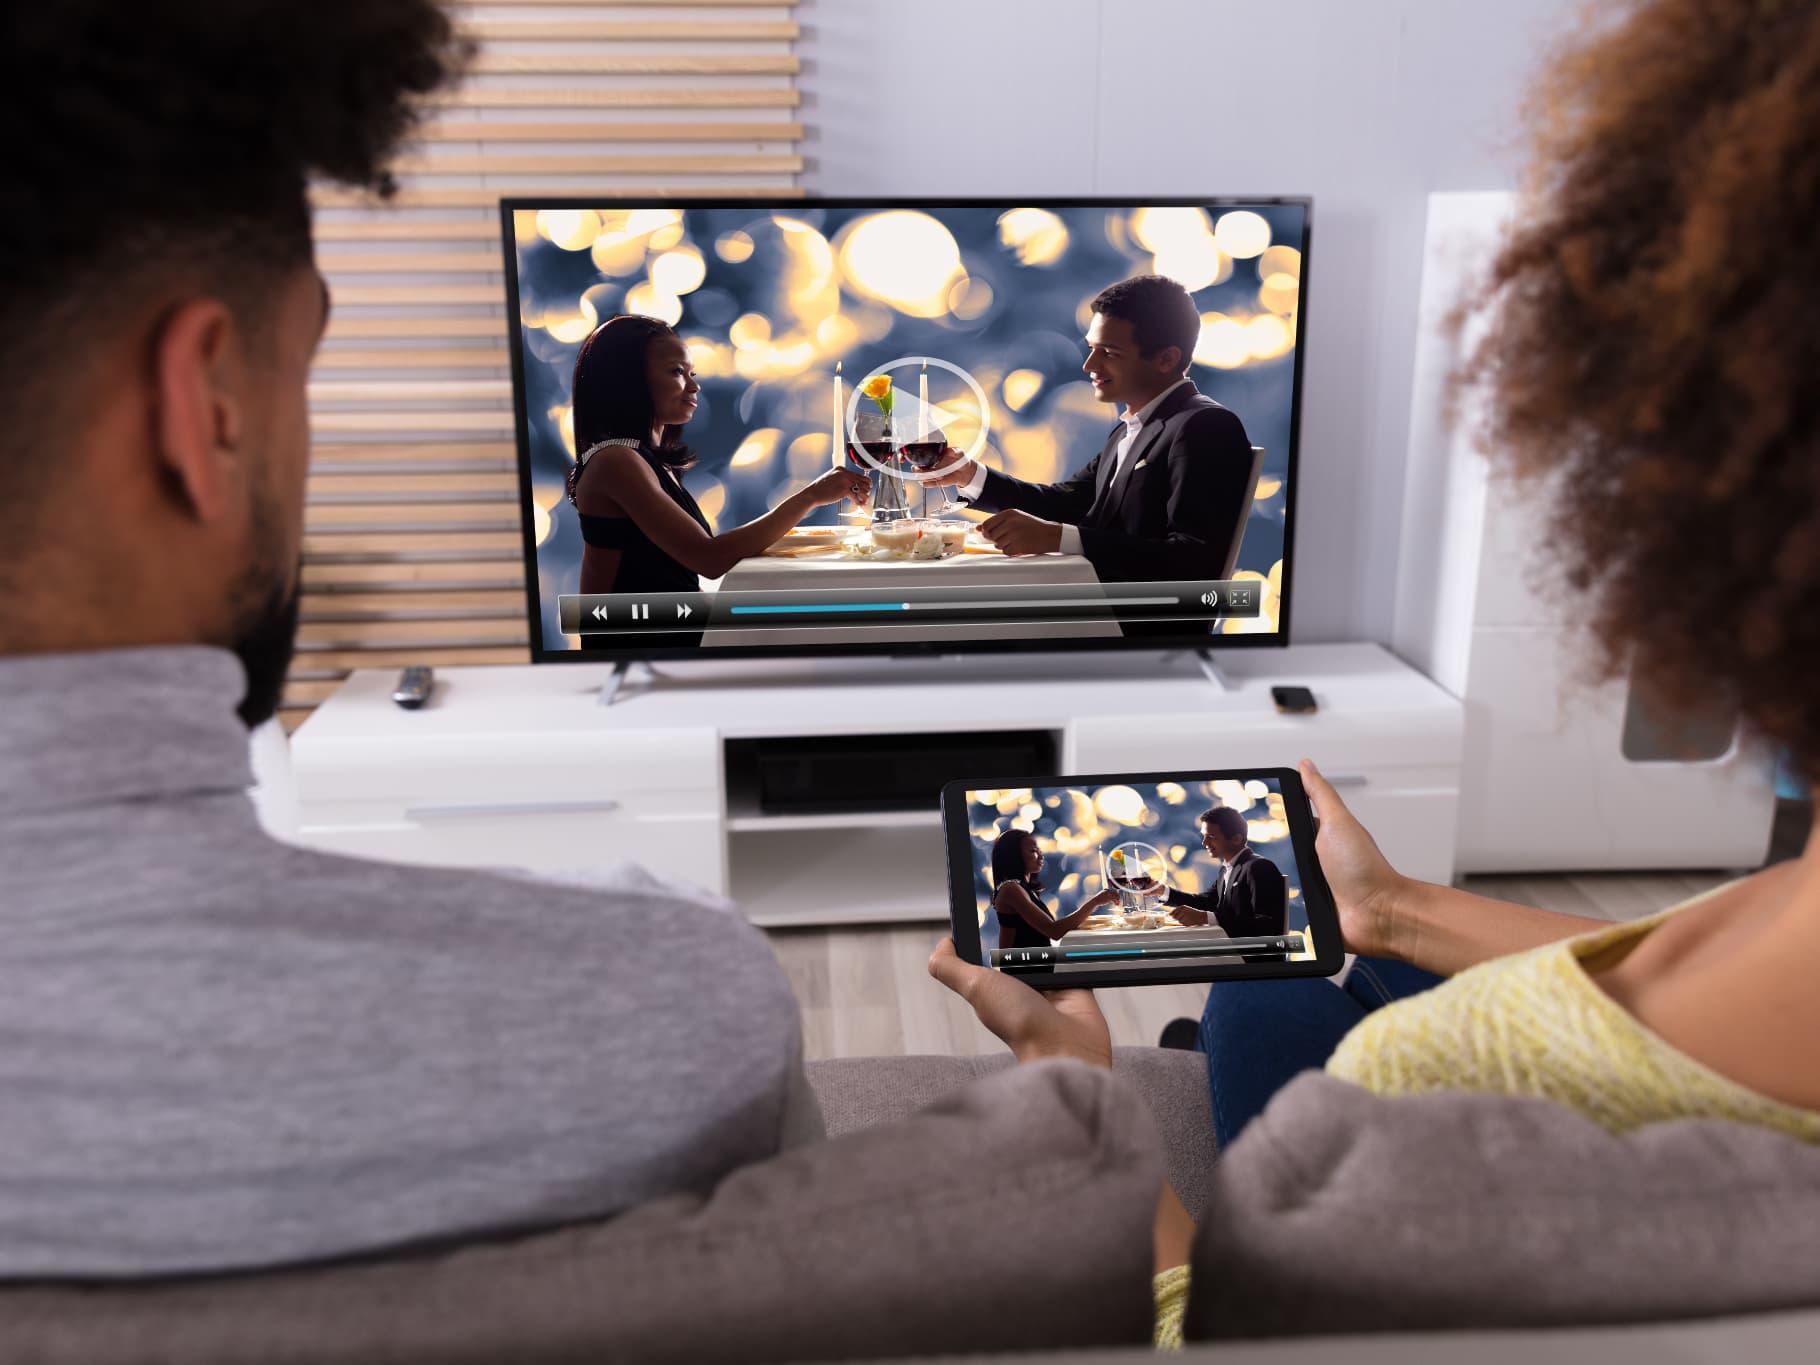 Quels sont les avantages d'une TV connectée ?